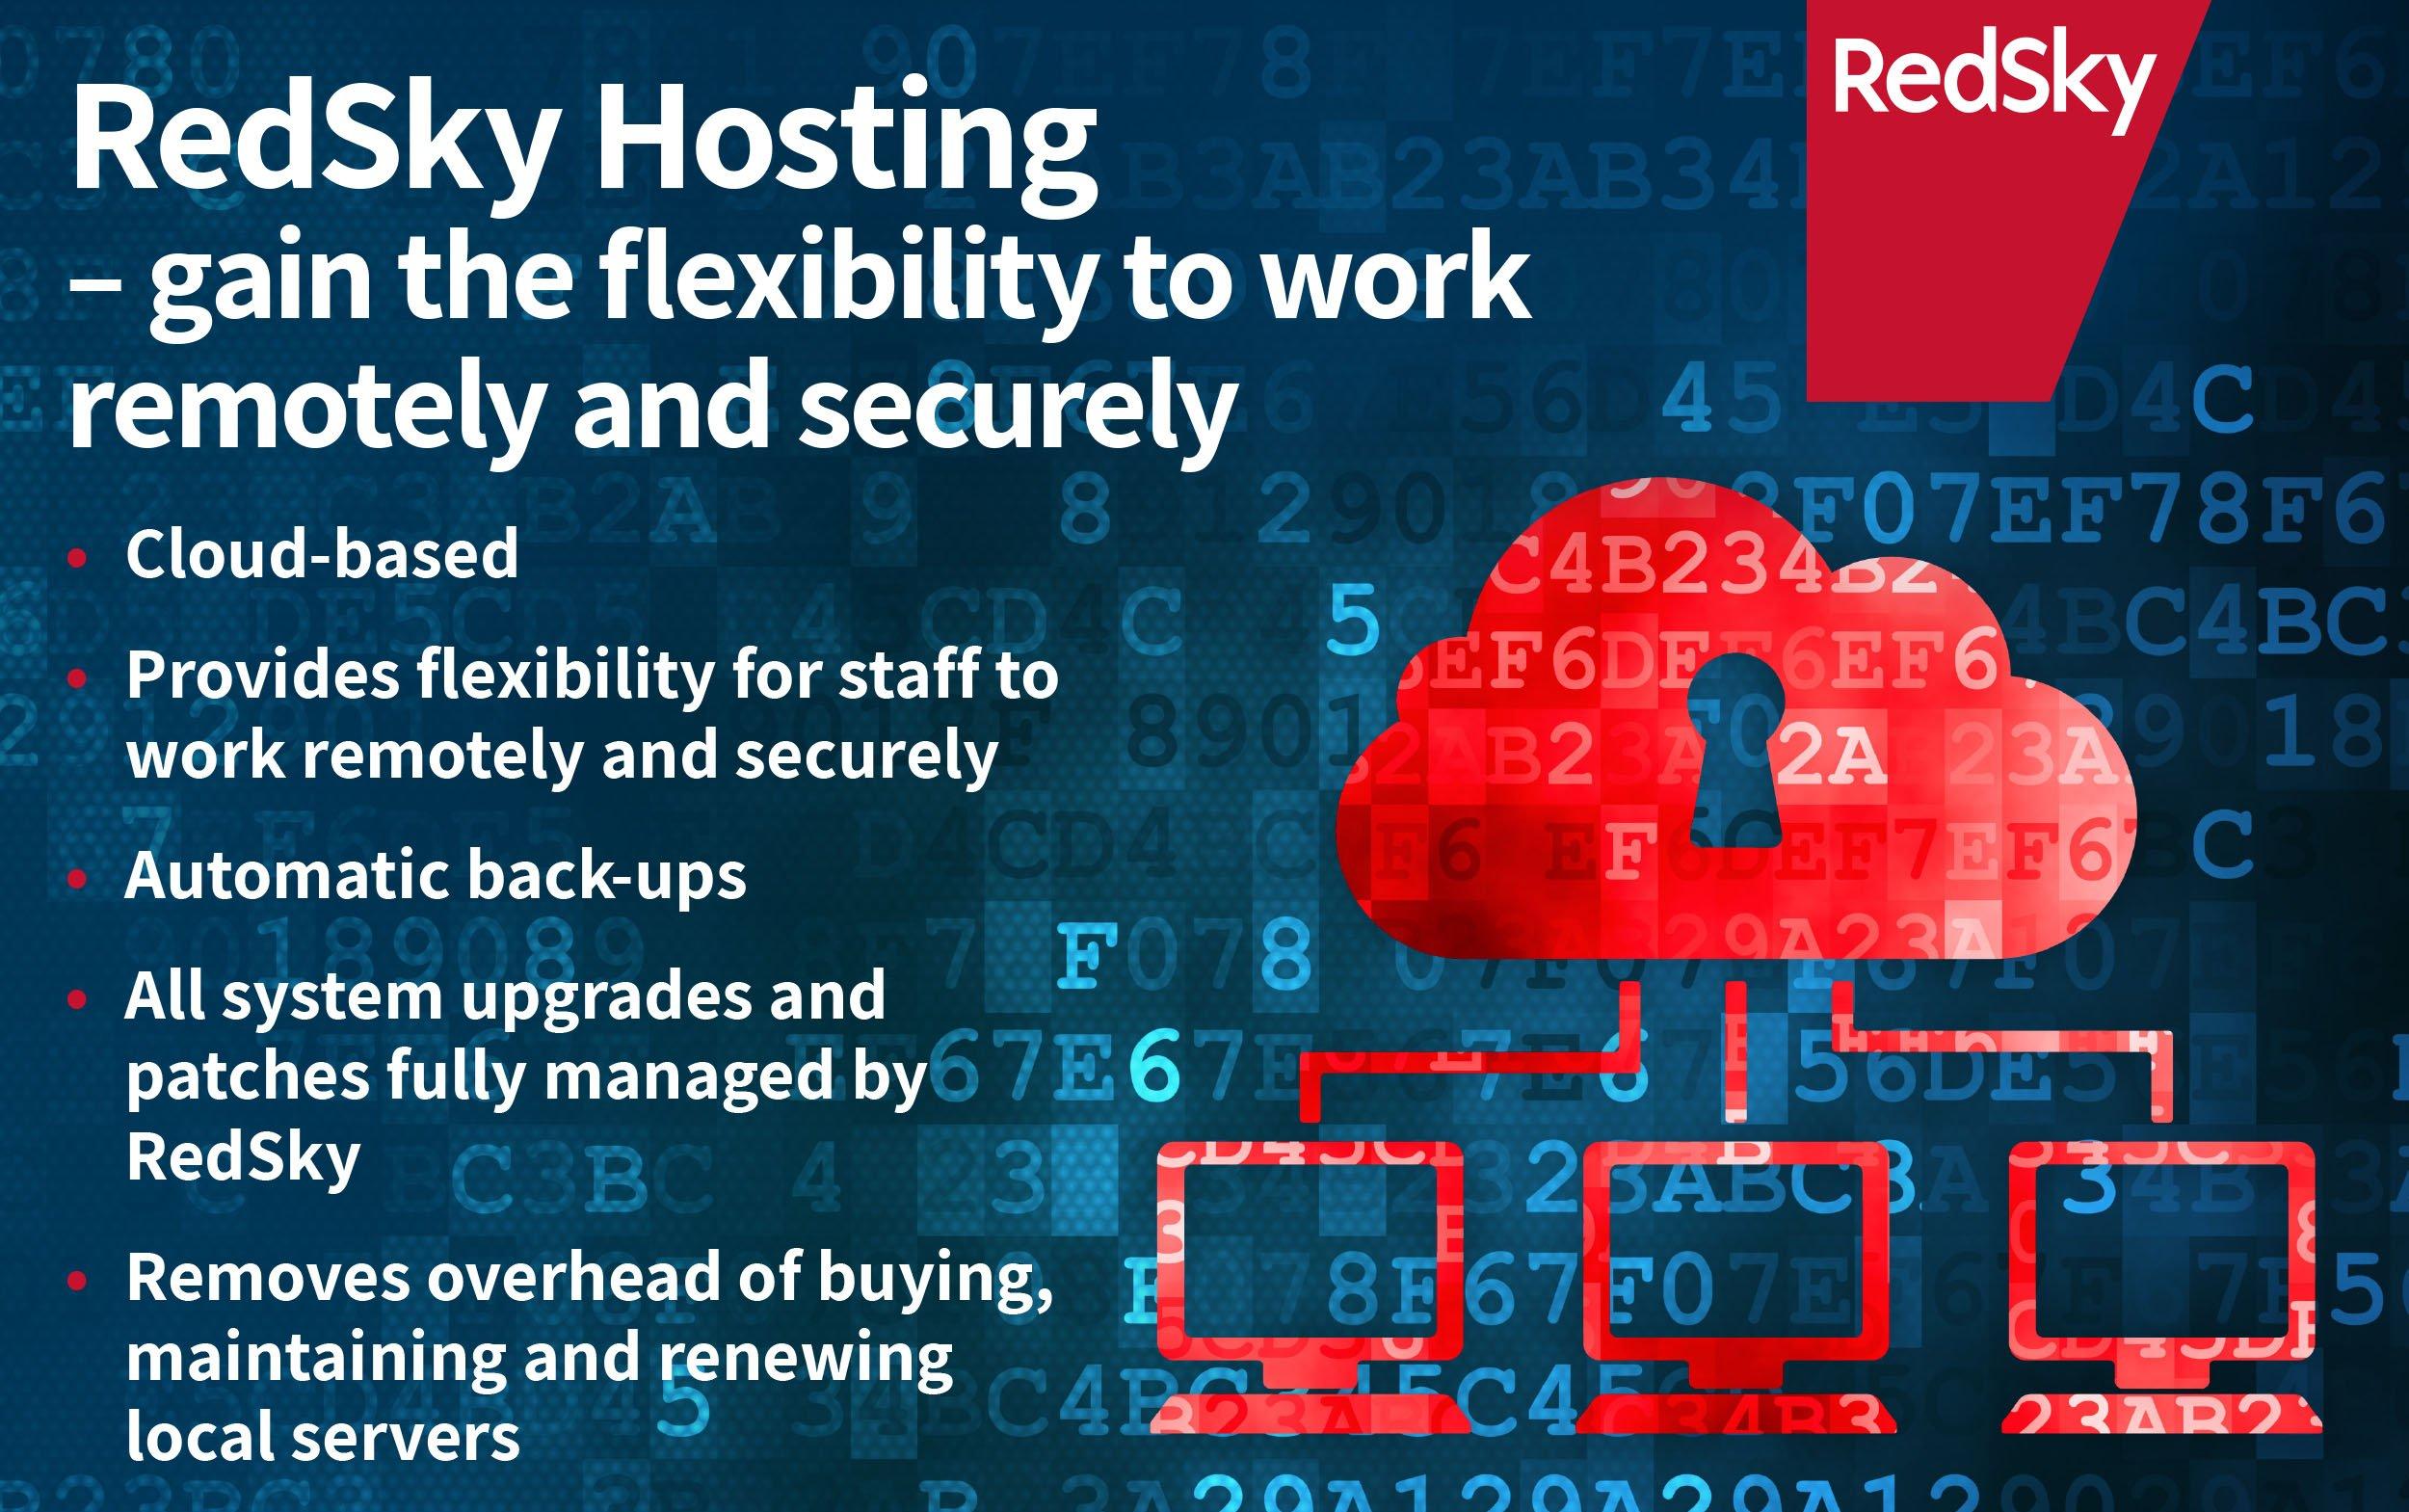 redsky hosting for flexibility